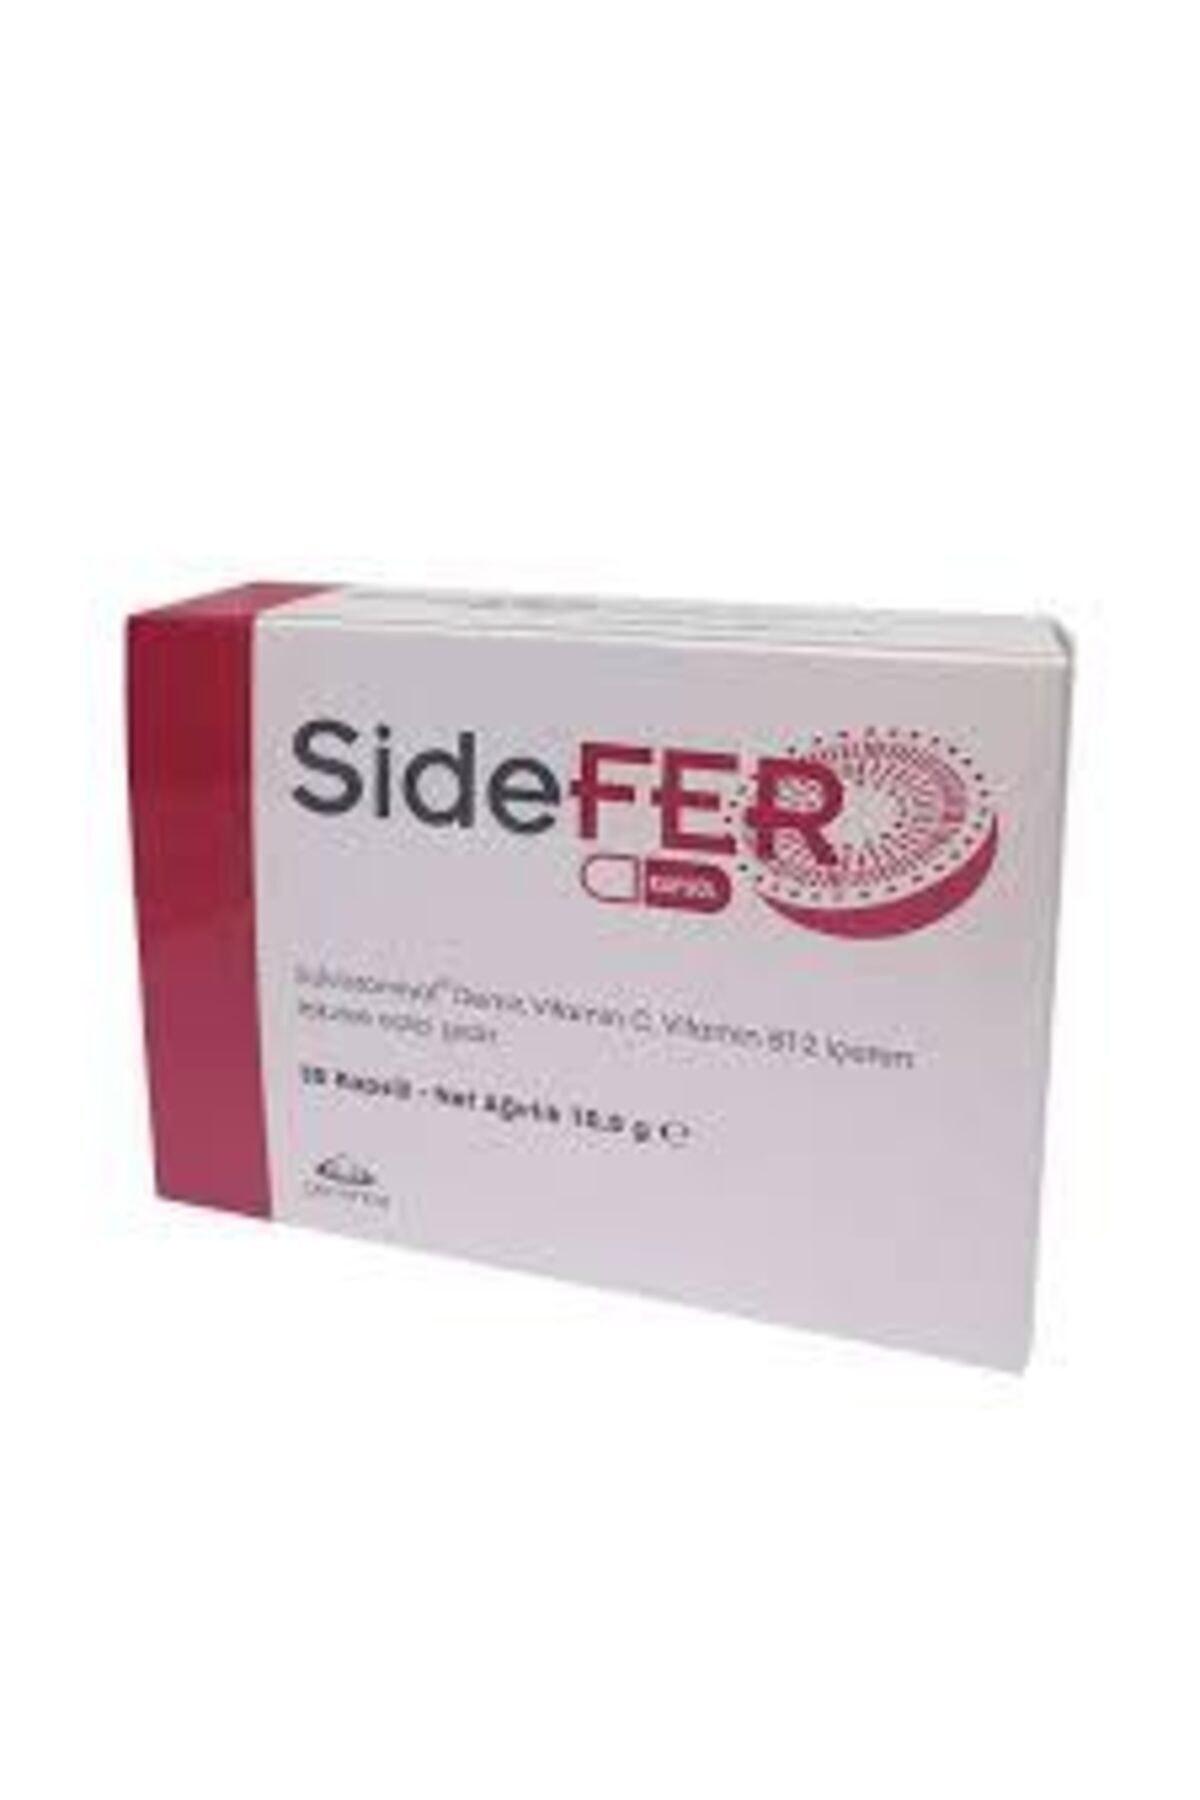 Sidefer Sukrozomiyal Demir Vitamin C Vitamin B12 30 Kapsül Takviye 1